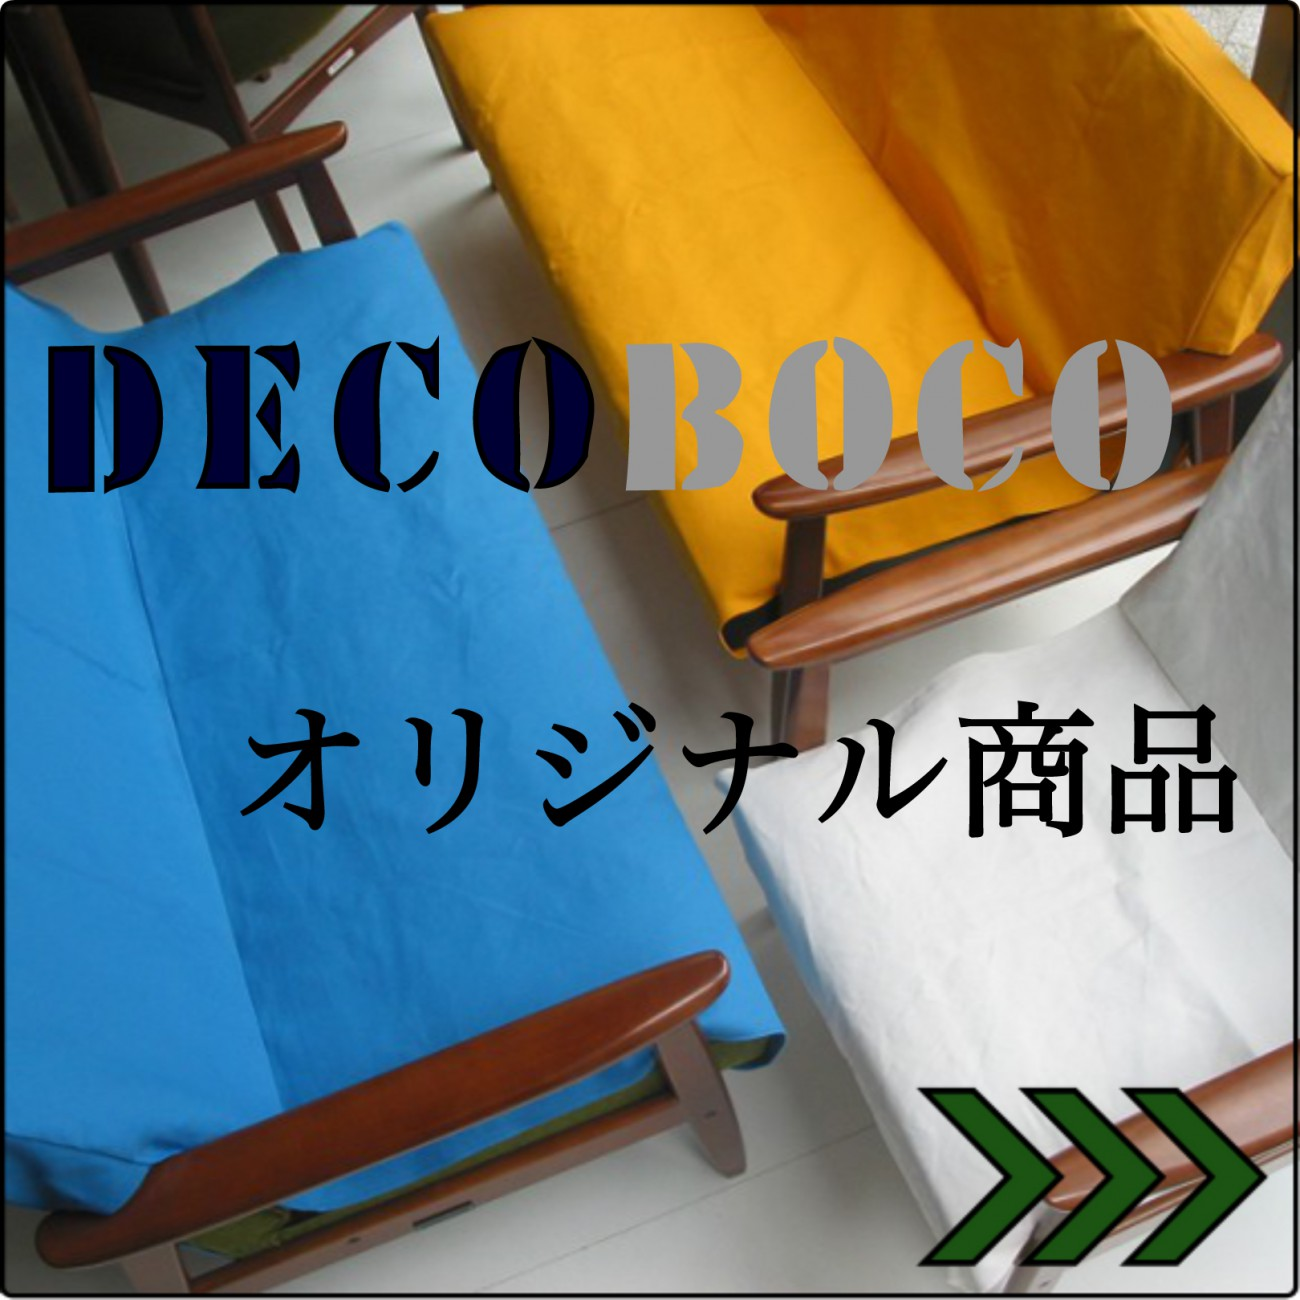 カリモク60のKチェア用のdecobocoオリジナル商品